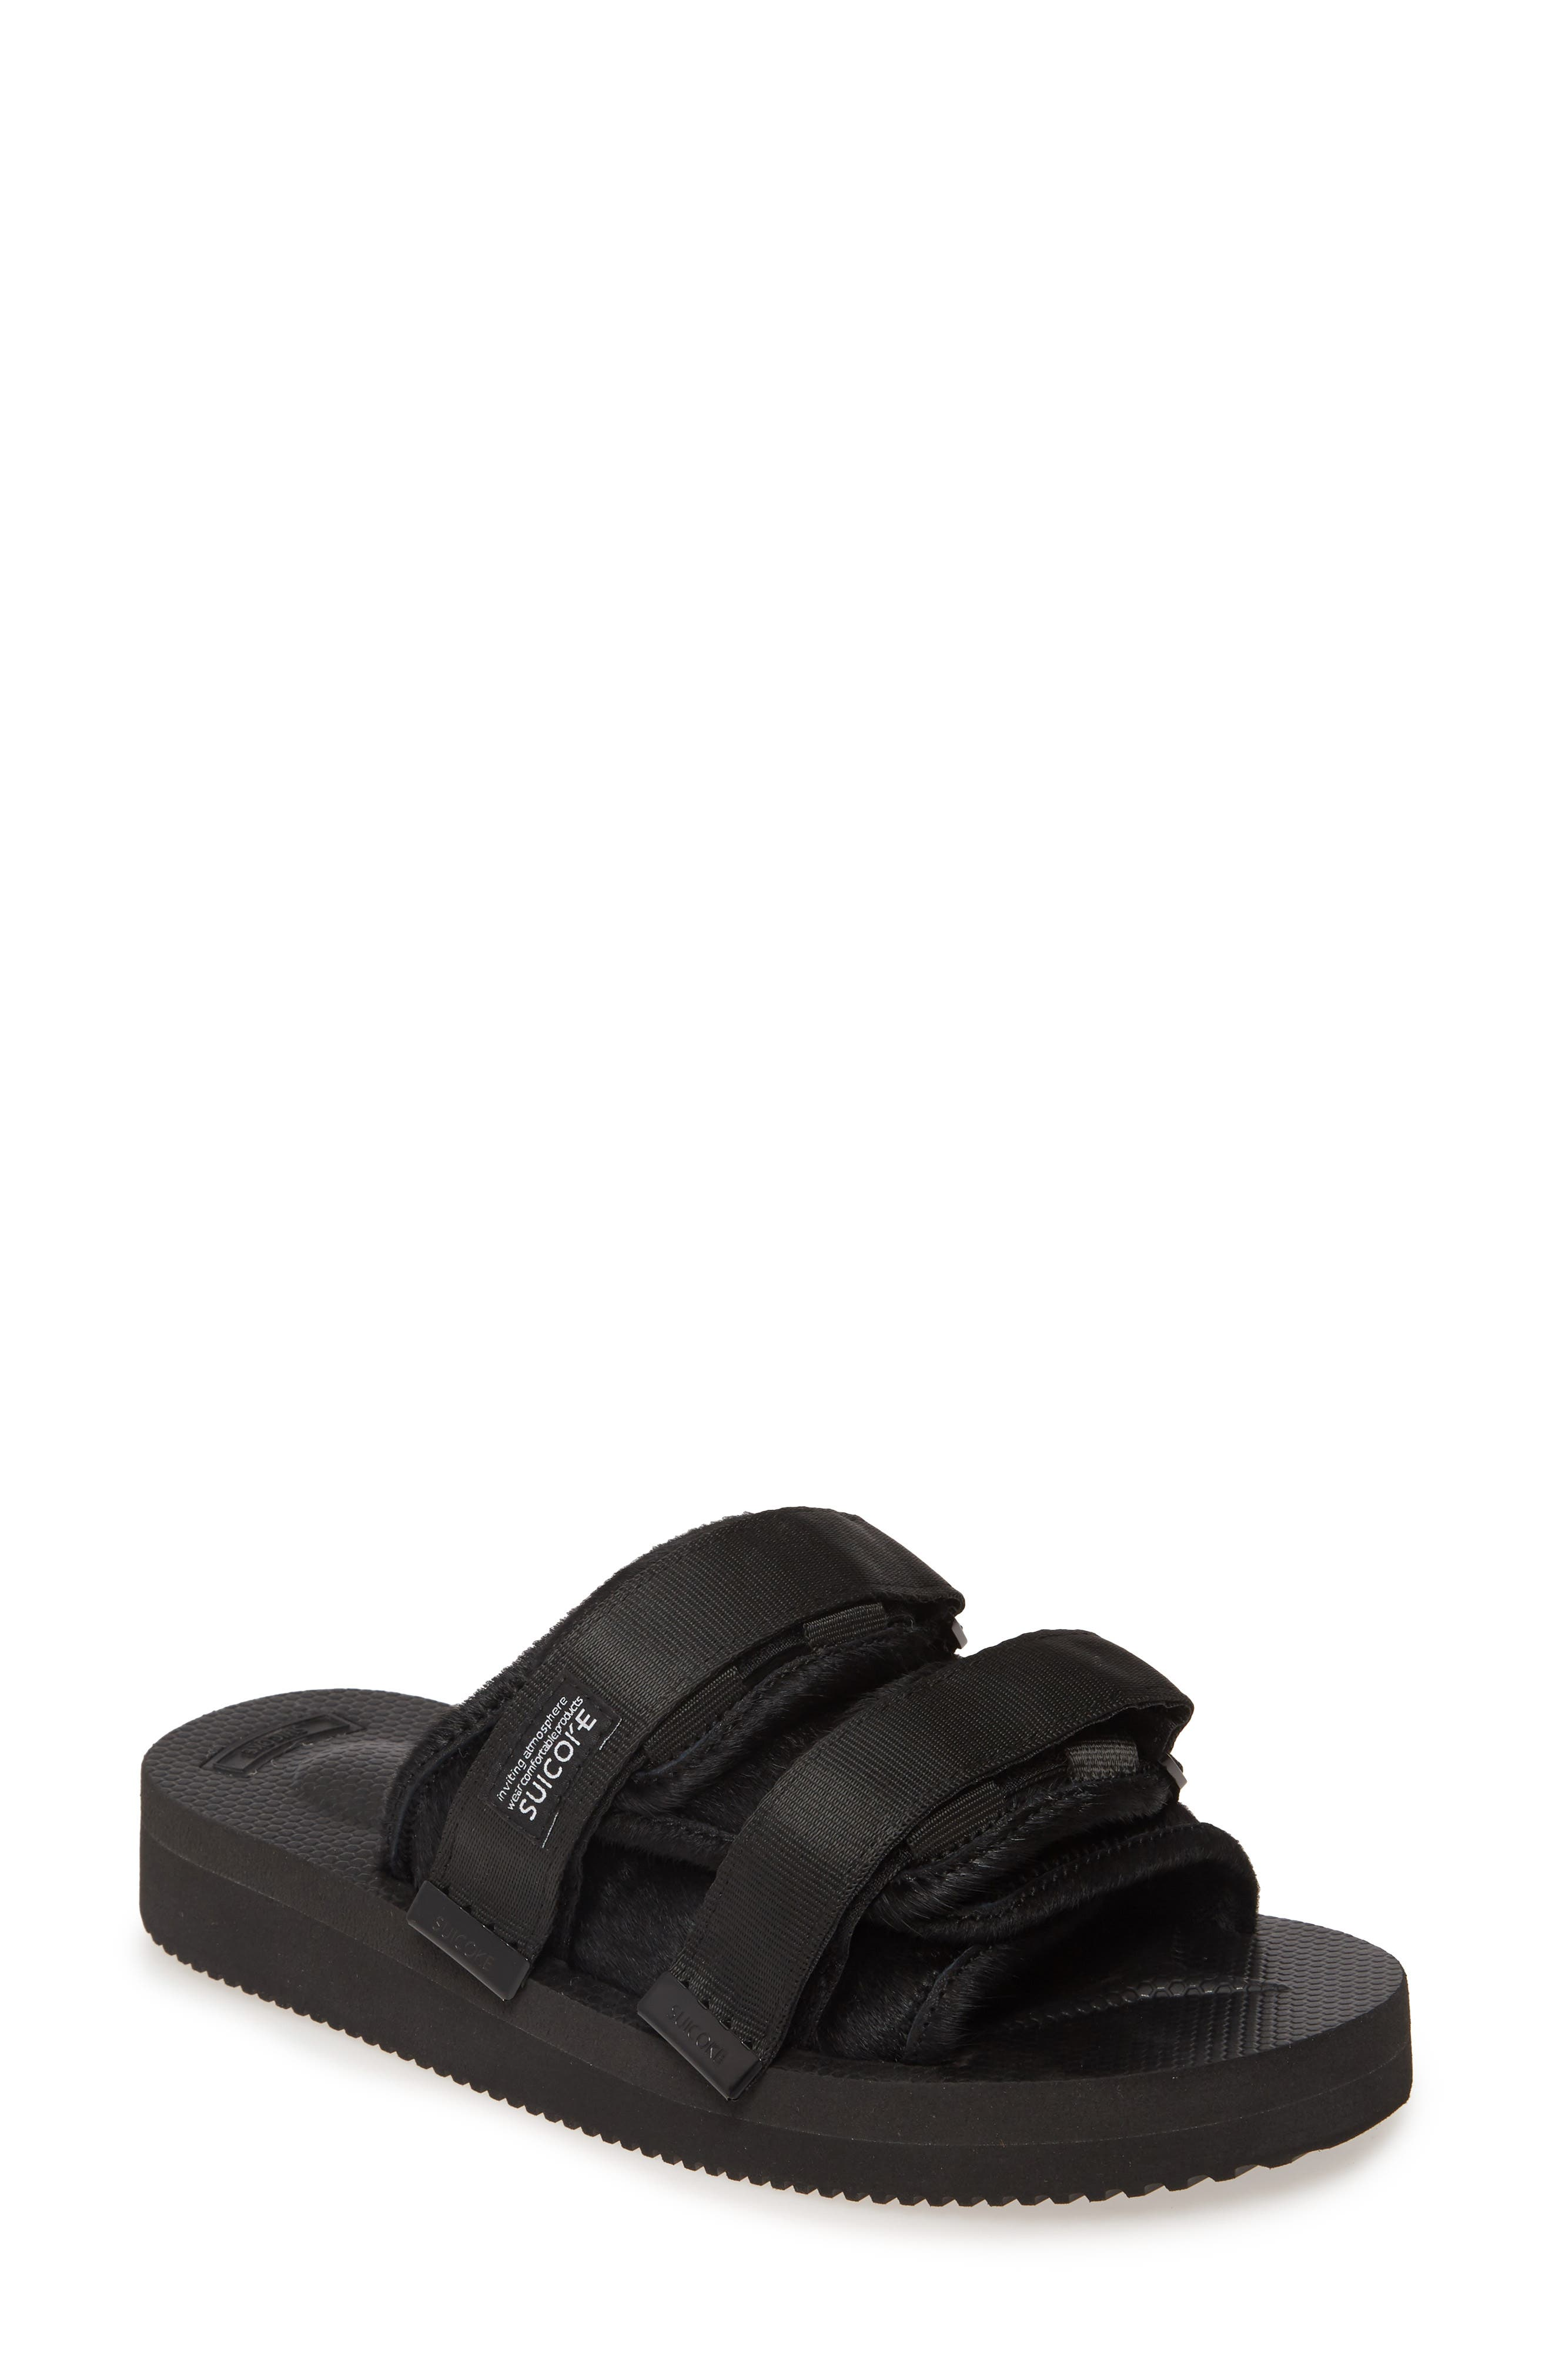 Suicoke Moto VHL Genuine Calf Hair Slide Sandal (Unisex)